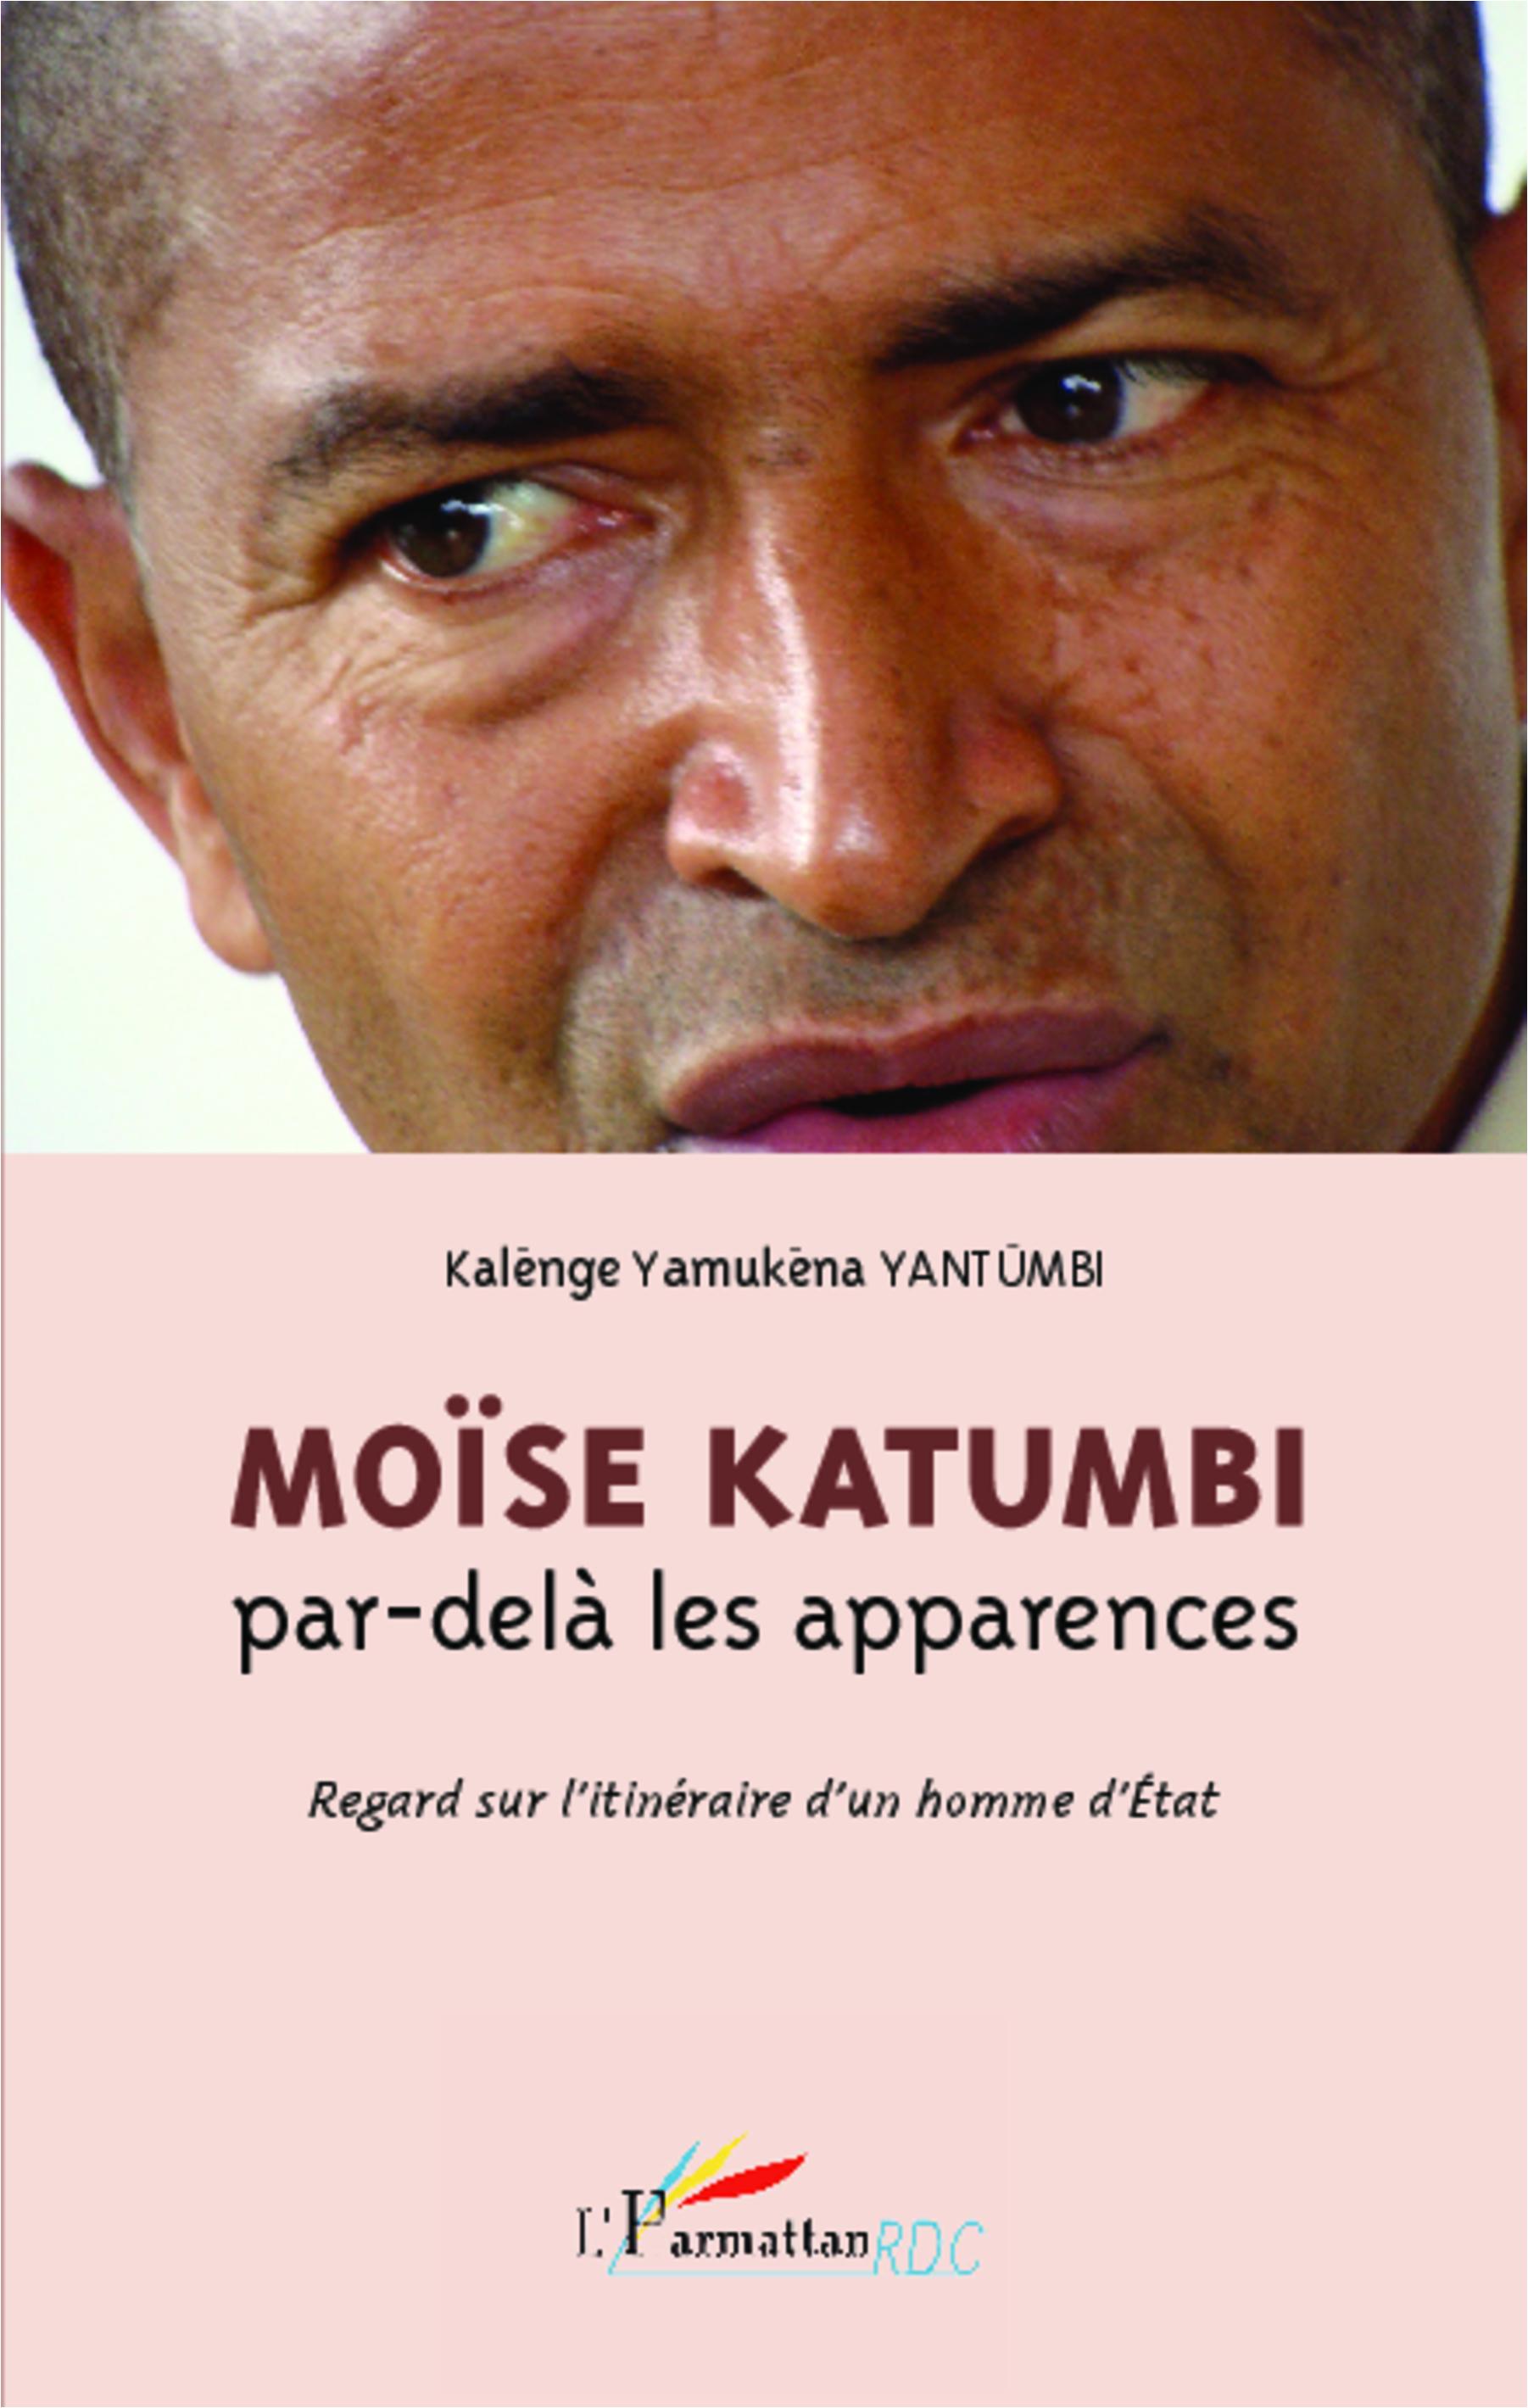 Moïse Katumbi par-delà les apparences. Regard sur l'itinéraire d'un homme d'Etat - Kalenge Yamukena Yantumbi